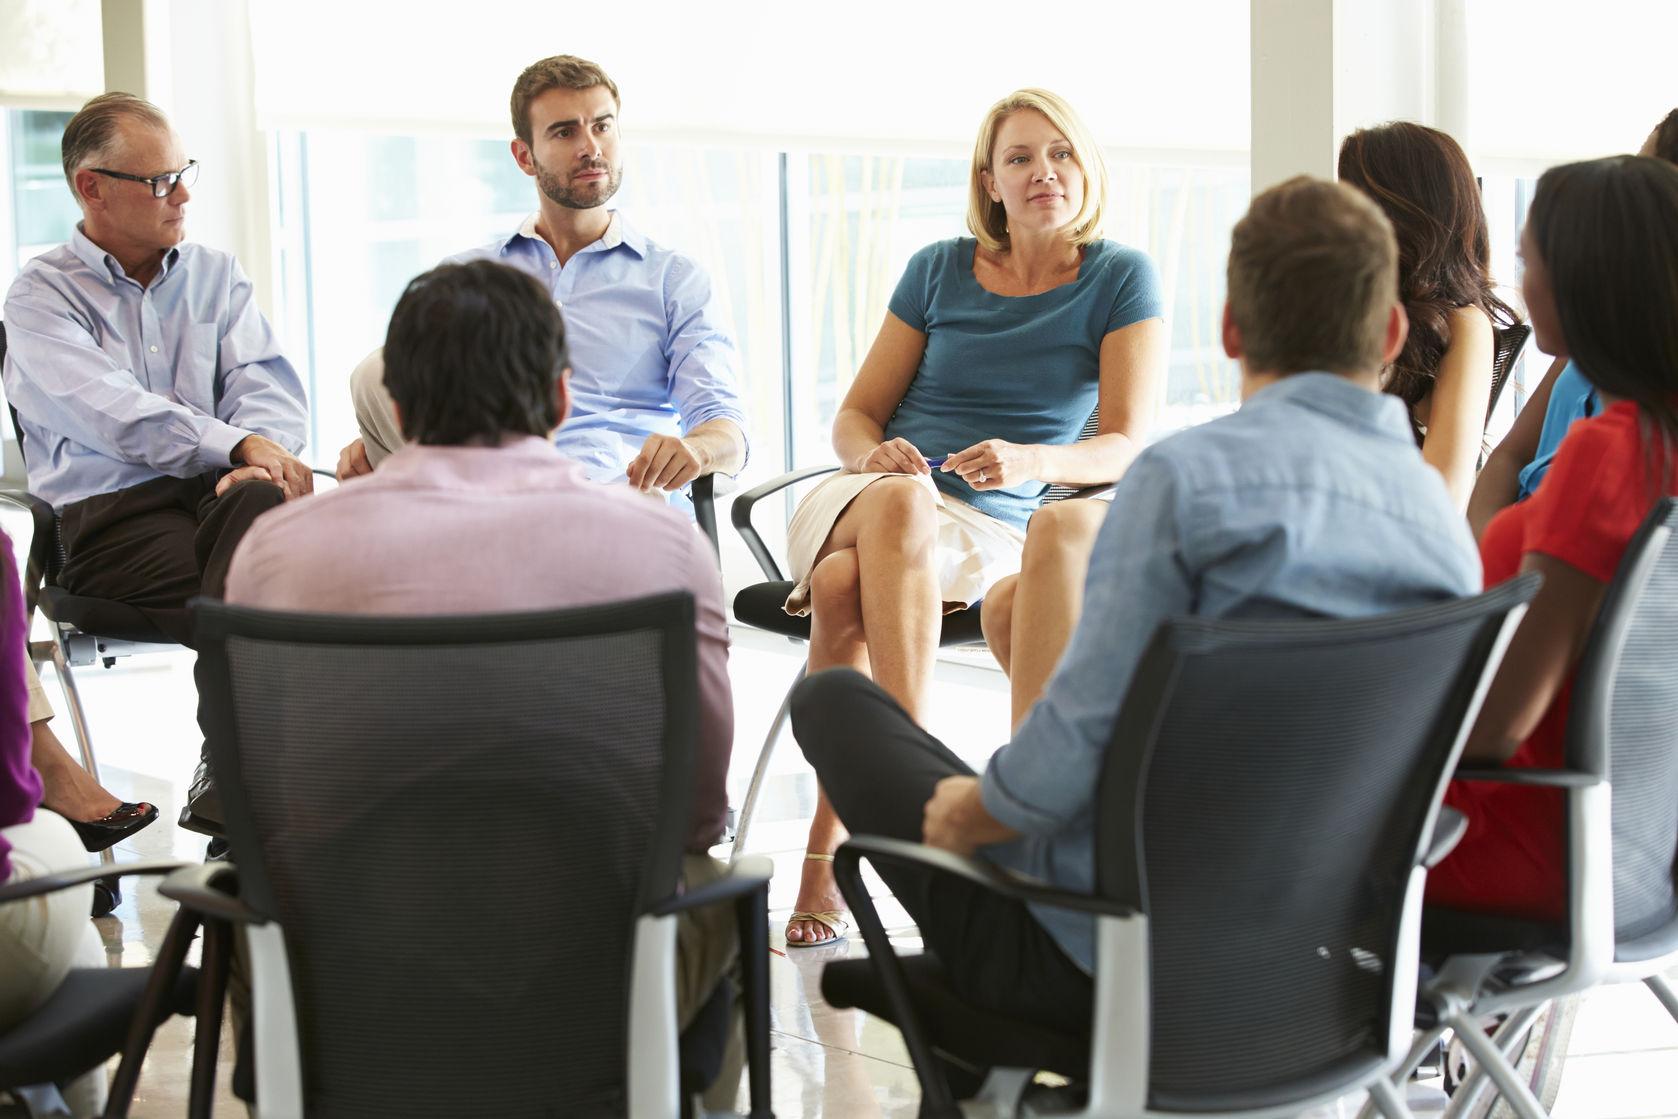 peer-group-meeting-photo